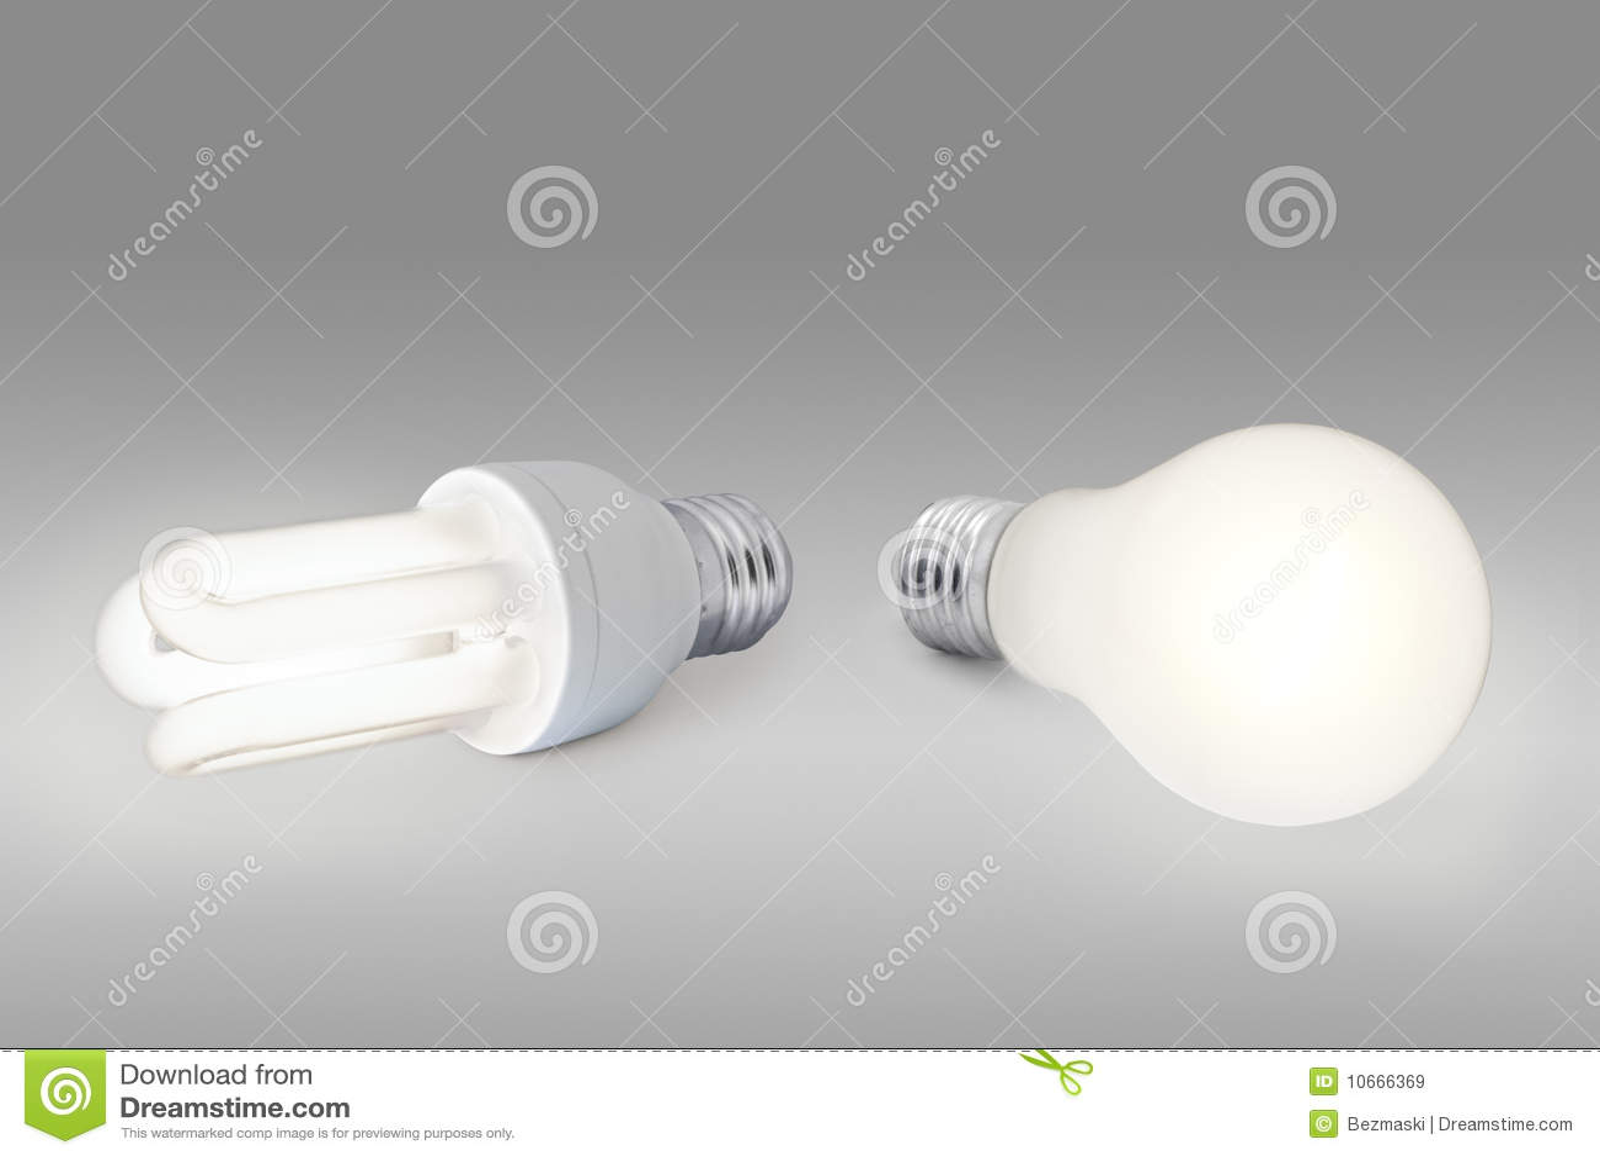 Low Energy Light Bulb Against Normal Light Bulb Stock Image Image 10666369